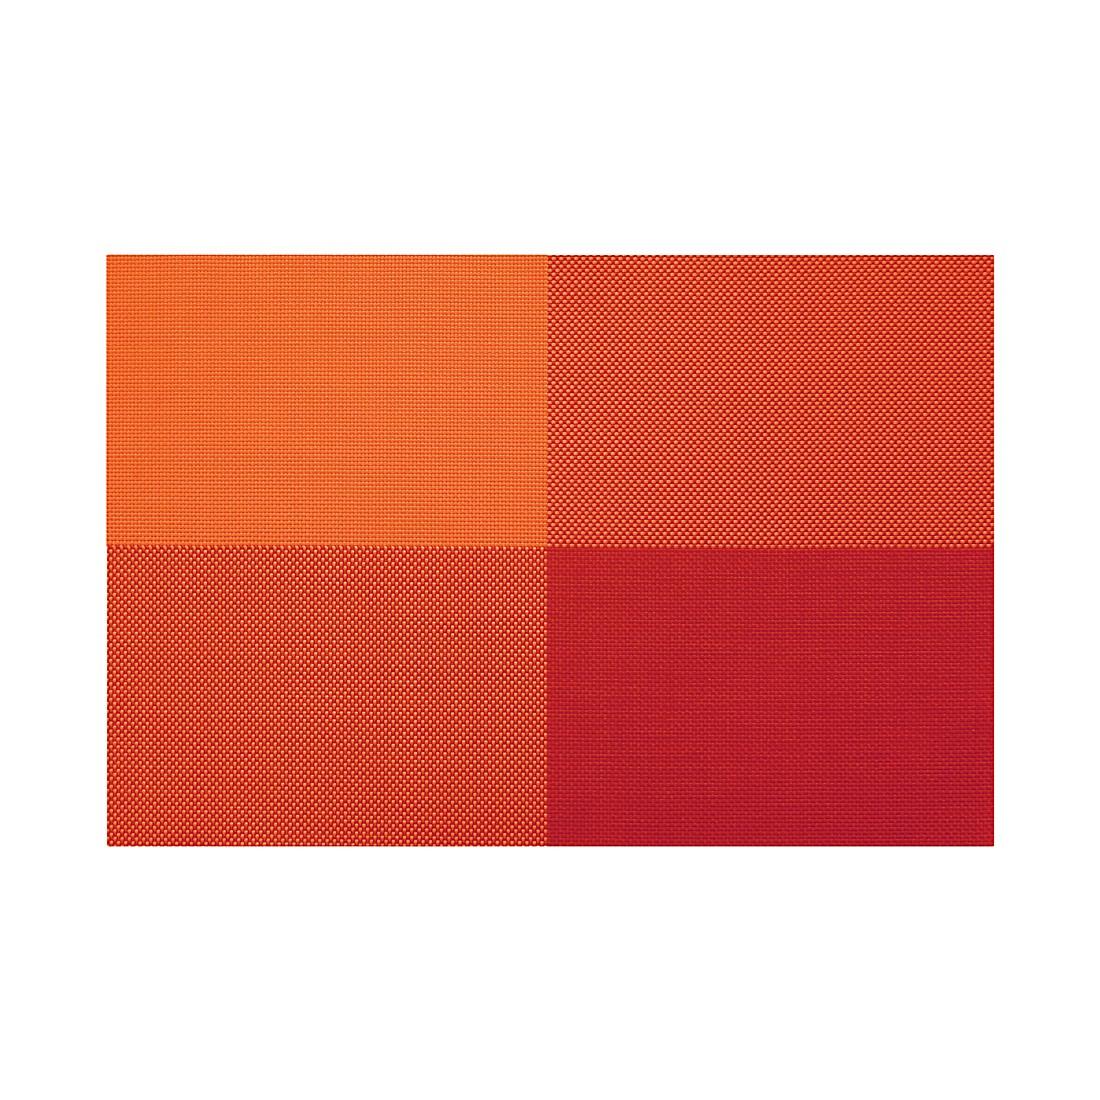 Tischsets Zarah (4er-Set) – orange, Contento günstig online kaufen